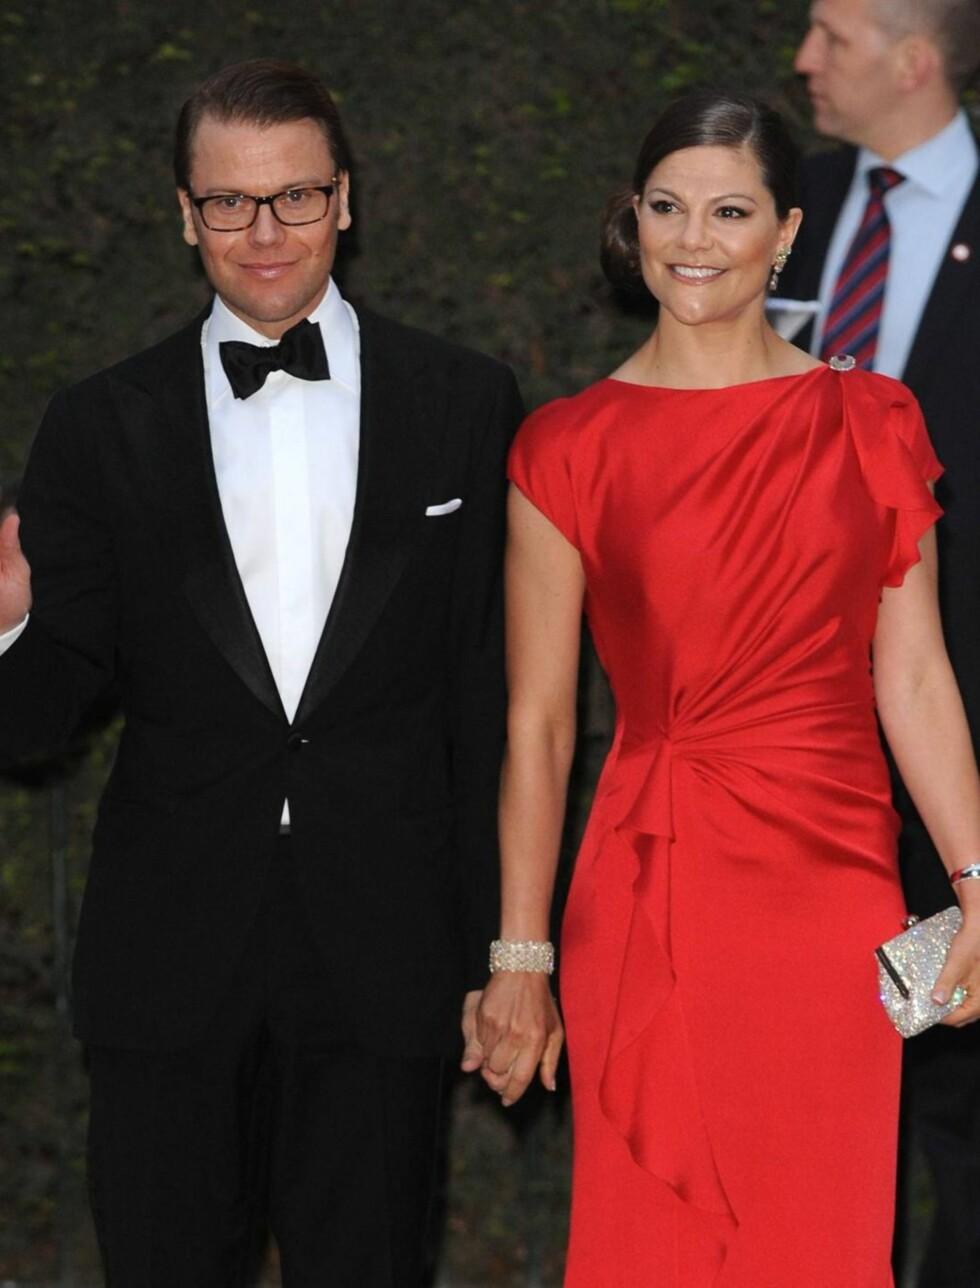 PÅ FEST I RØDT: Sveriges kronprinsesse Victoria med ektemannen prins Daniel. Foto: Stella Pictures